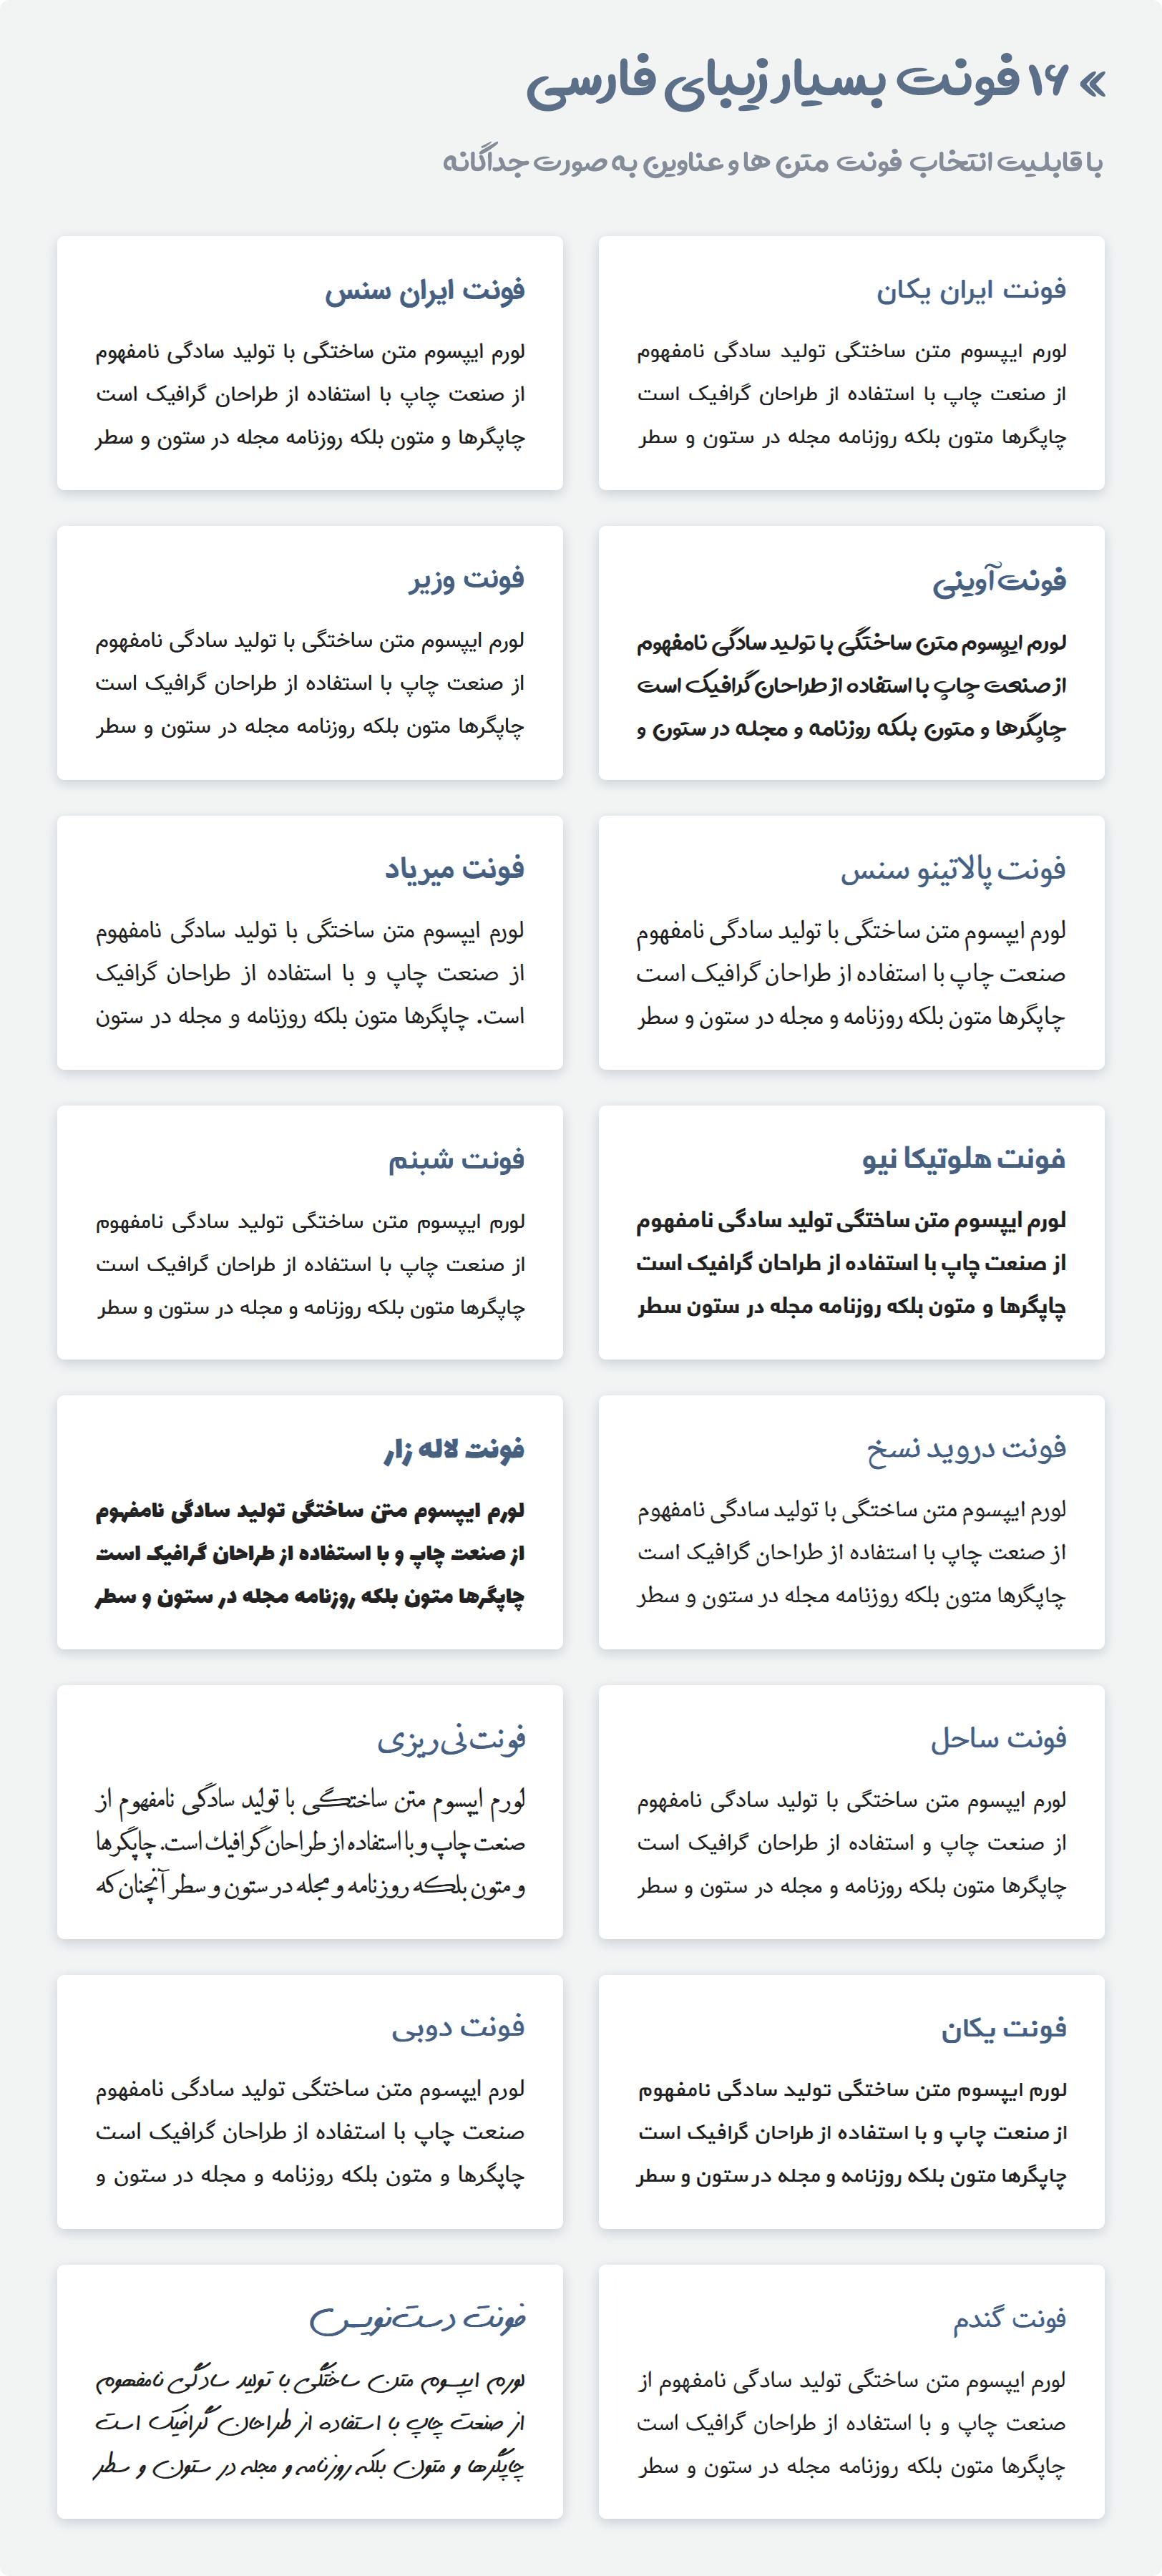 فونت های قالب Frest فارسی